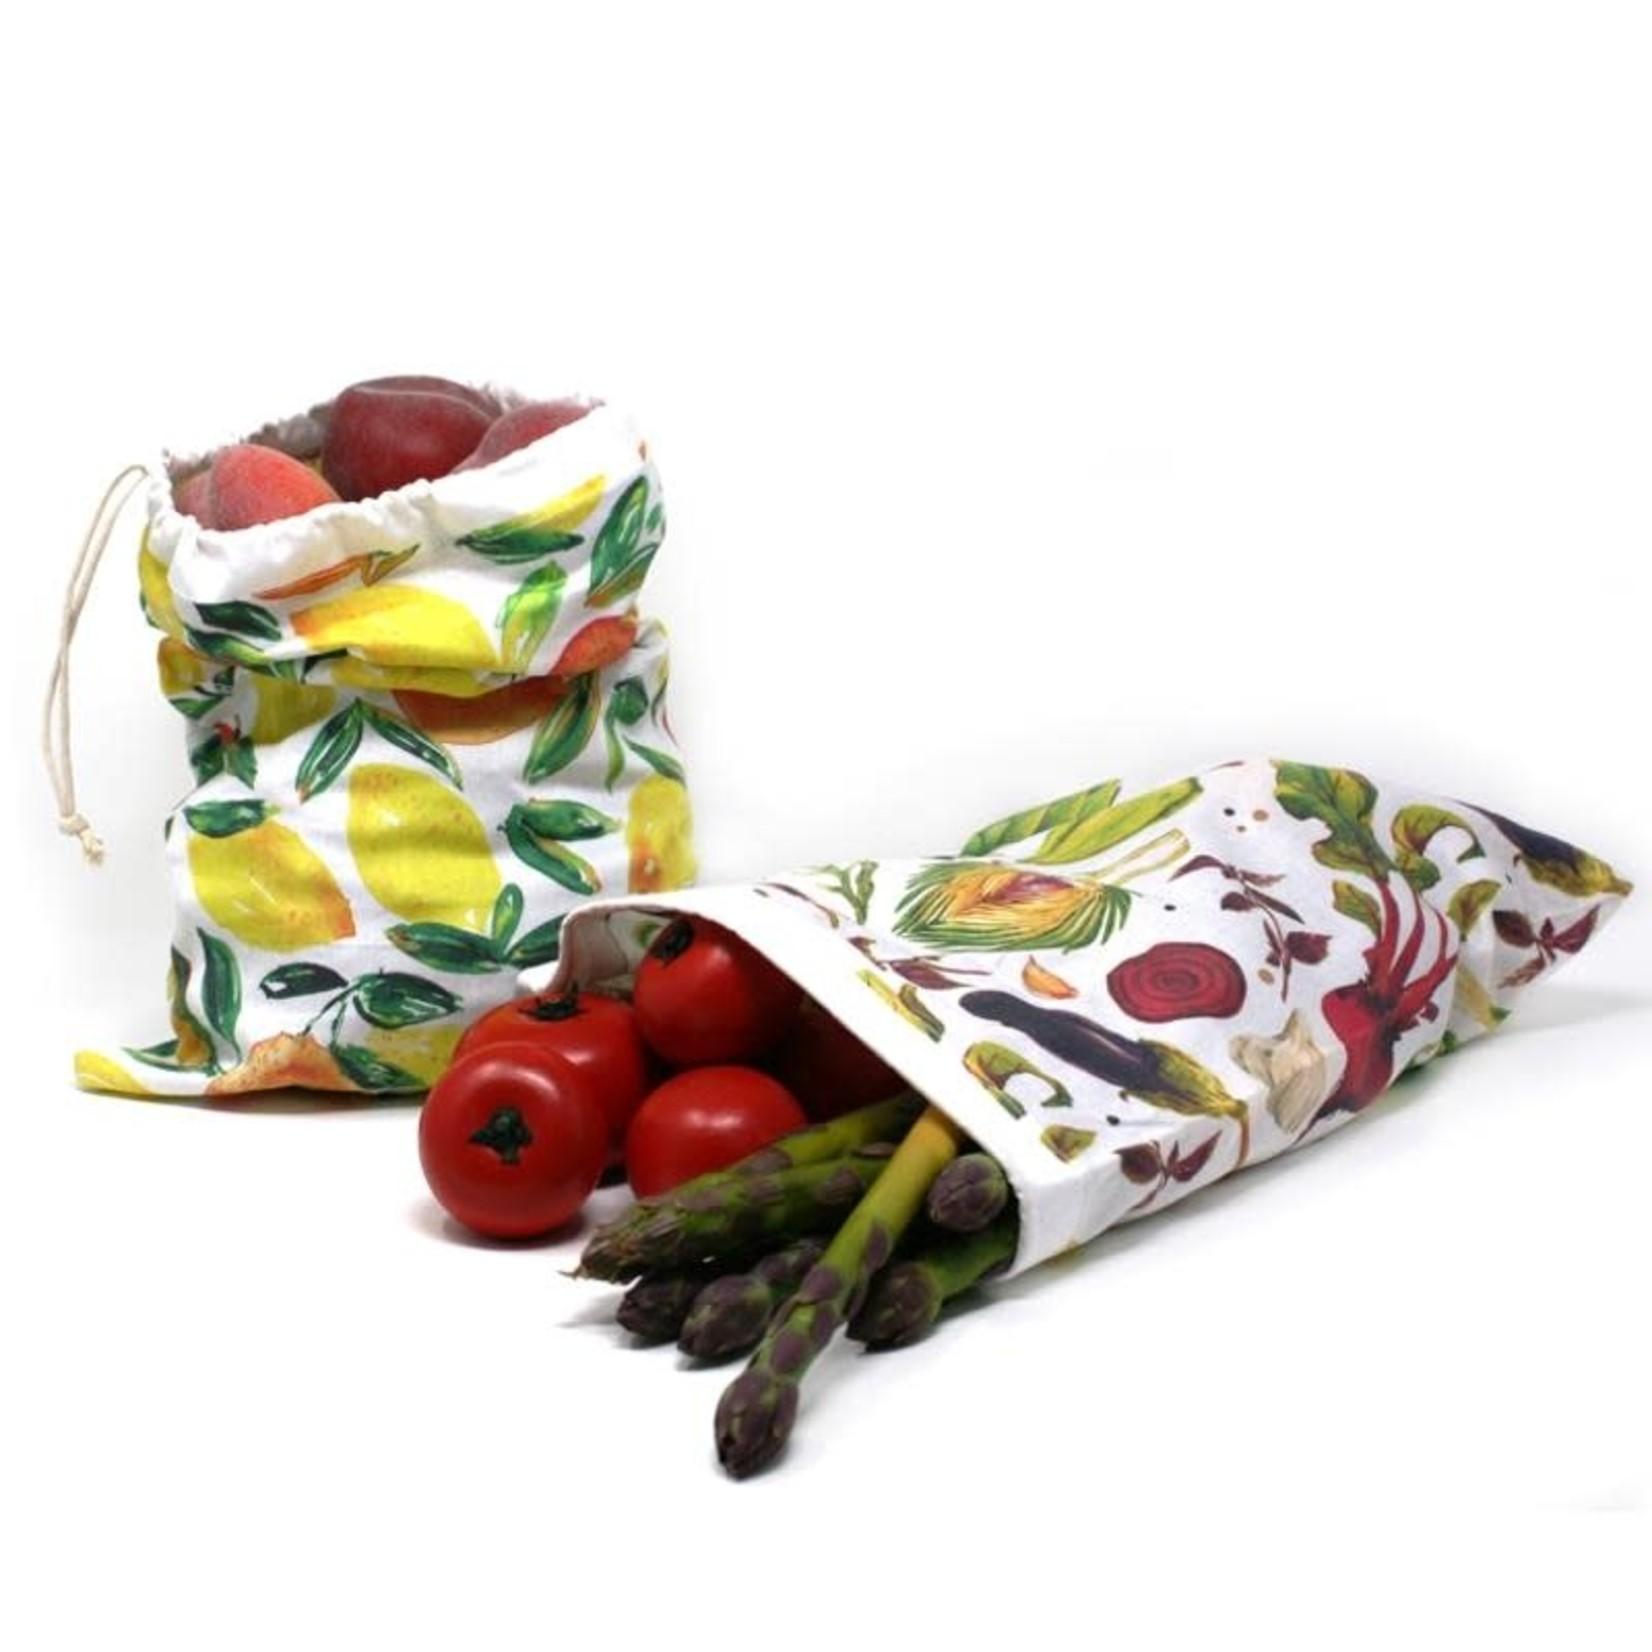 Danesco Tools & Gadgets Cotton F&V Produce Bags Set of 2